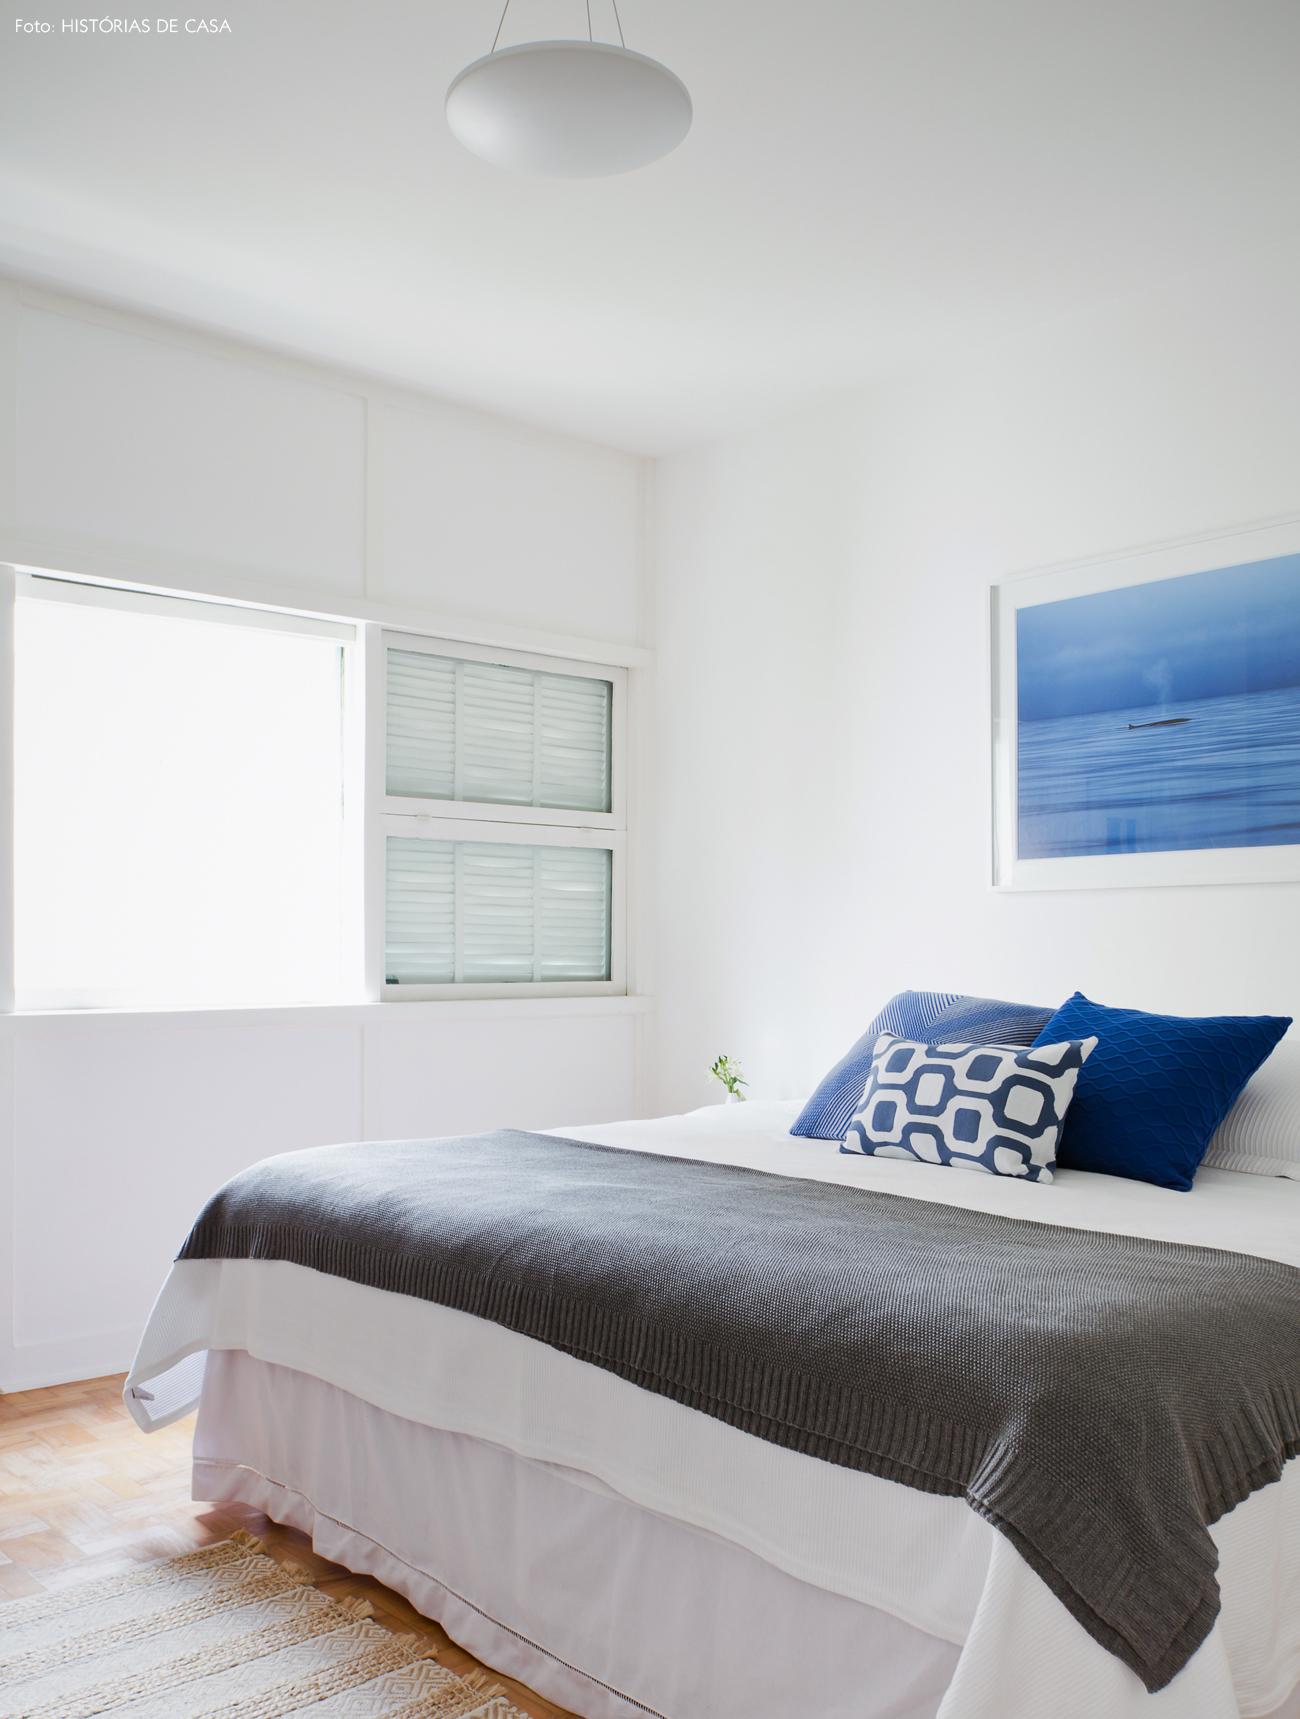 30-decoracao-quarto-branco-detalhes-em-azul-almofadas